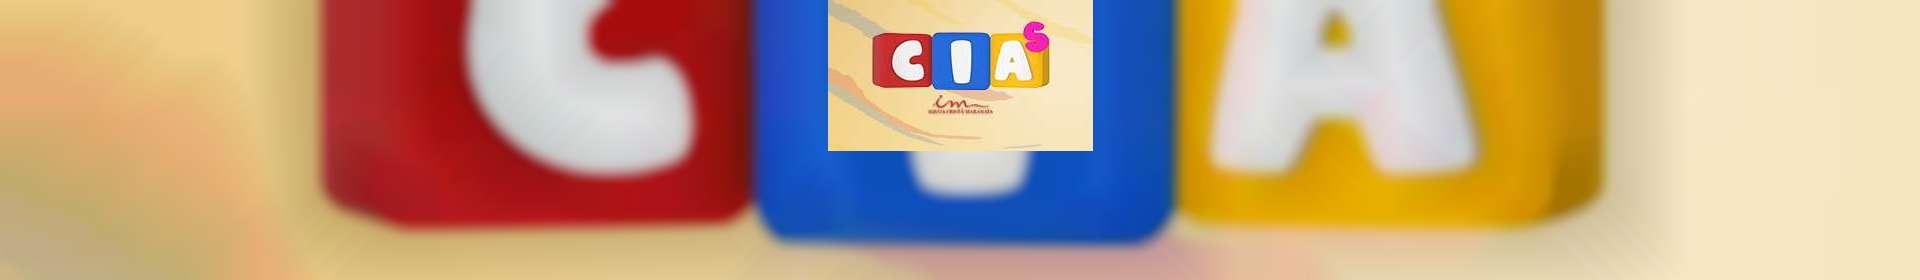 Aula de CIAS: classe de 0 a 3 anos e gestantes - 10 de setembro de 2020